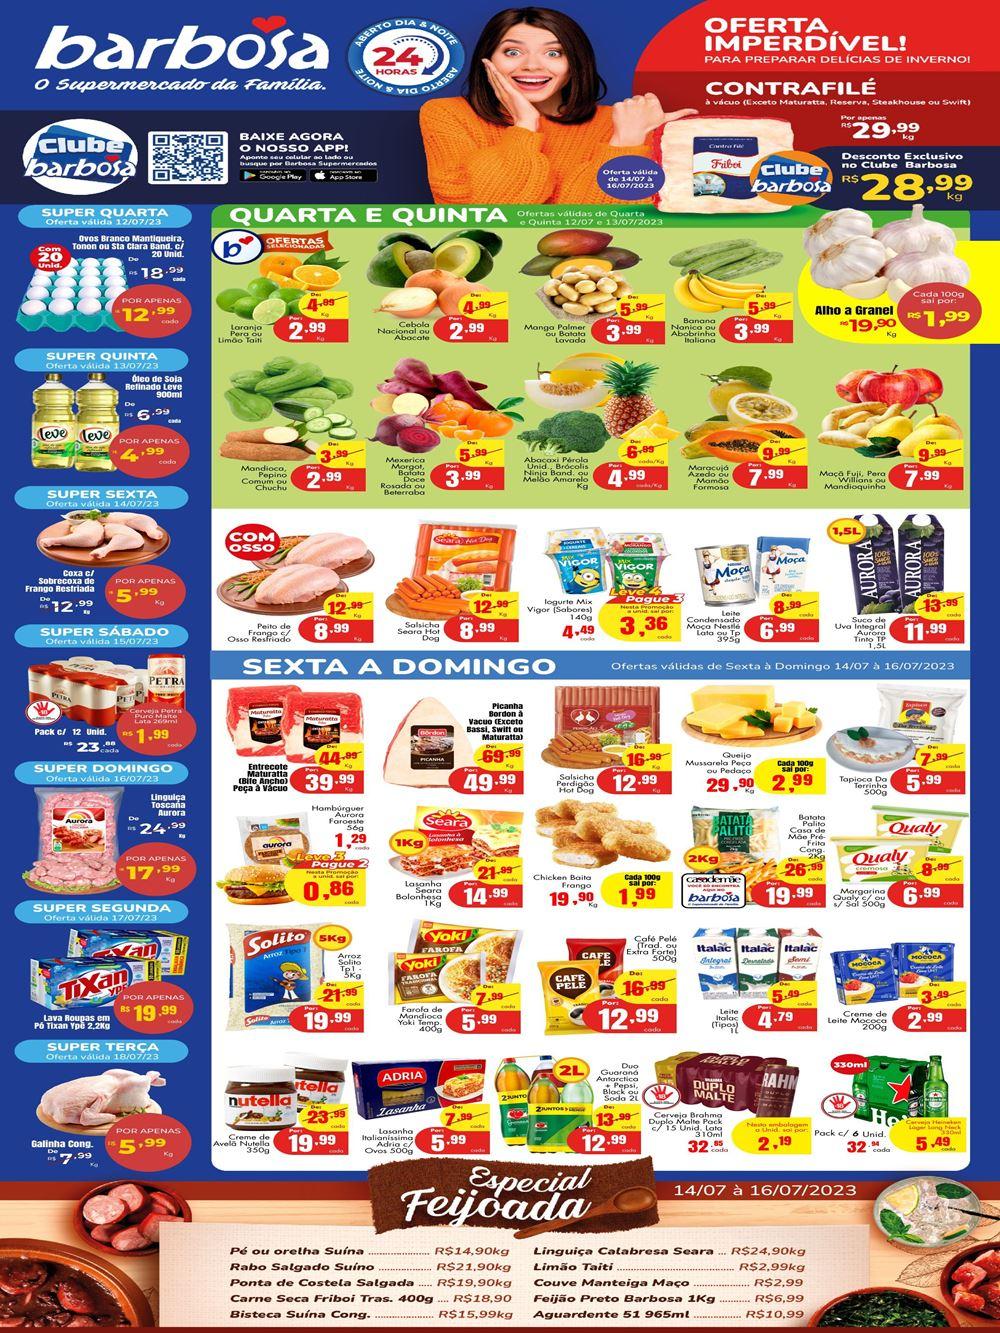 barbosa-ofertas-descontos-hoje1-33 São Paulo